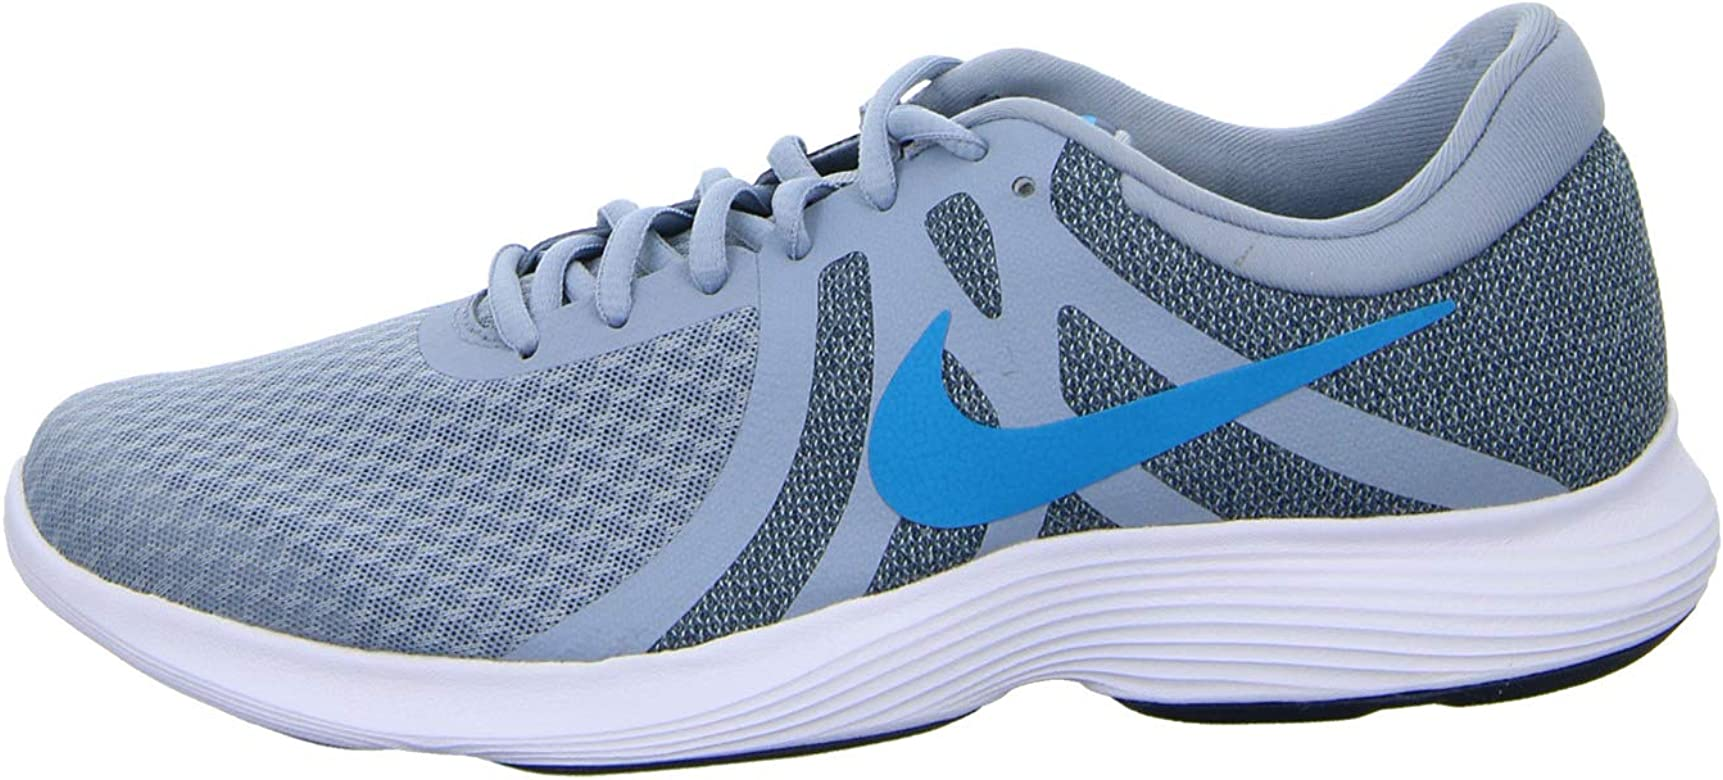 Nike Revolution 4, Zapatillas de Atletismo para Hombre, Multicolor (Obsidian Mist/Blue Lagoon/Monsoon Blue 000), 45 EU: Amazon.es: Zapatos y complementos